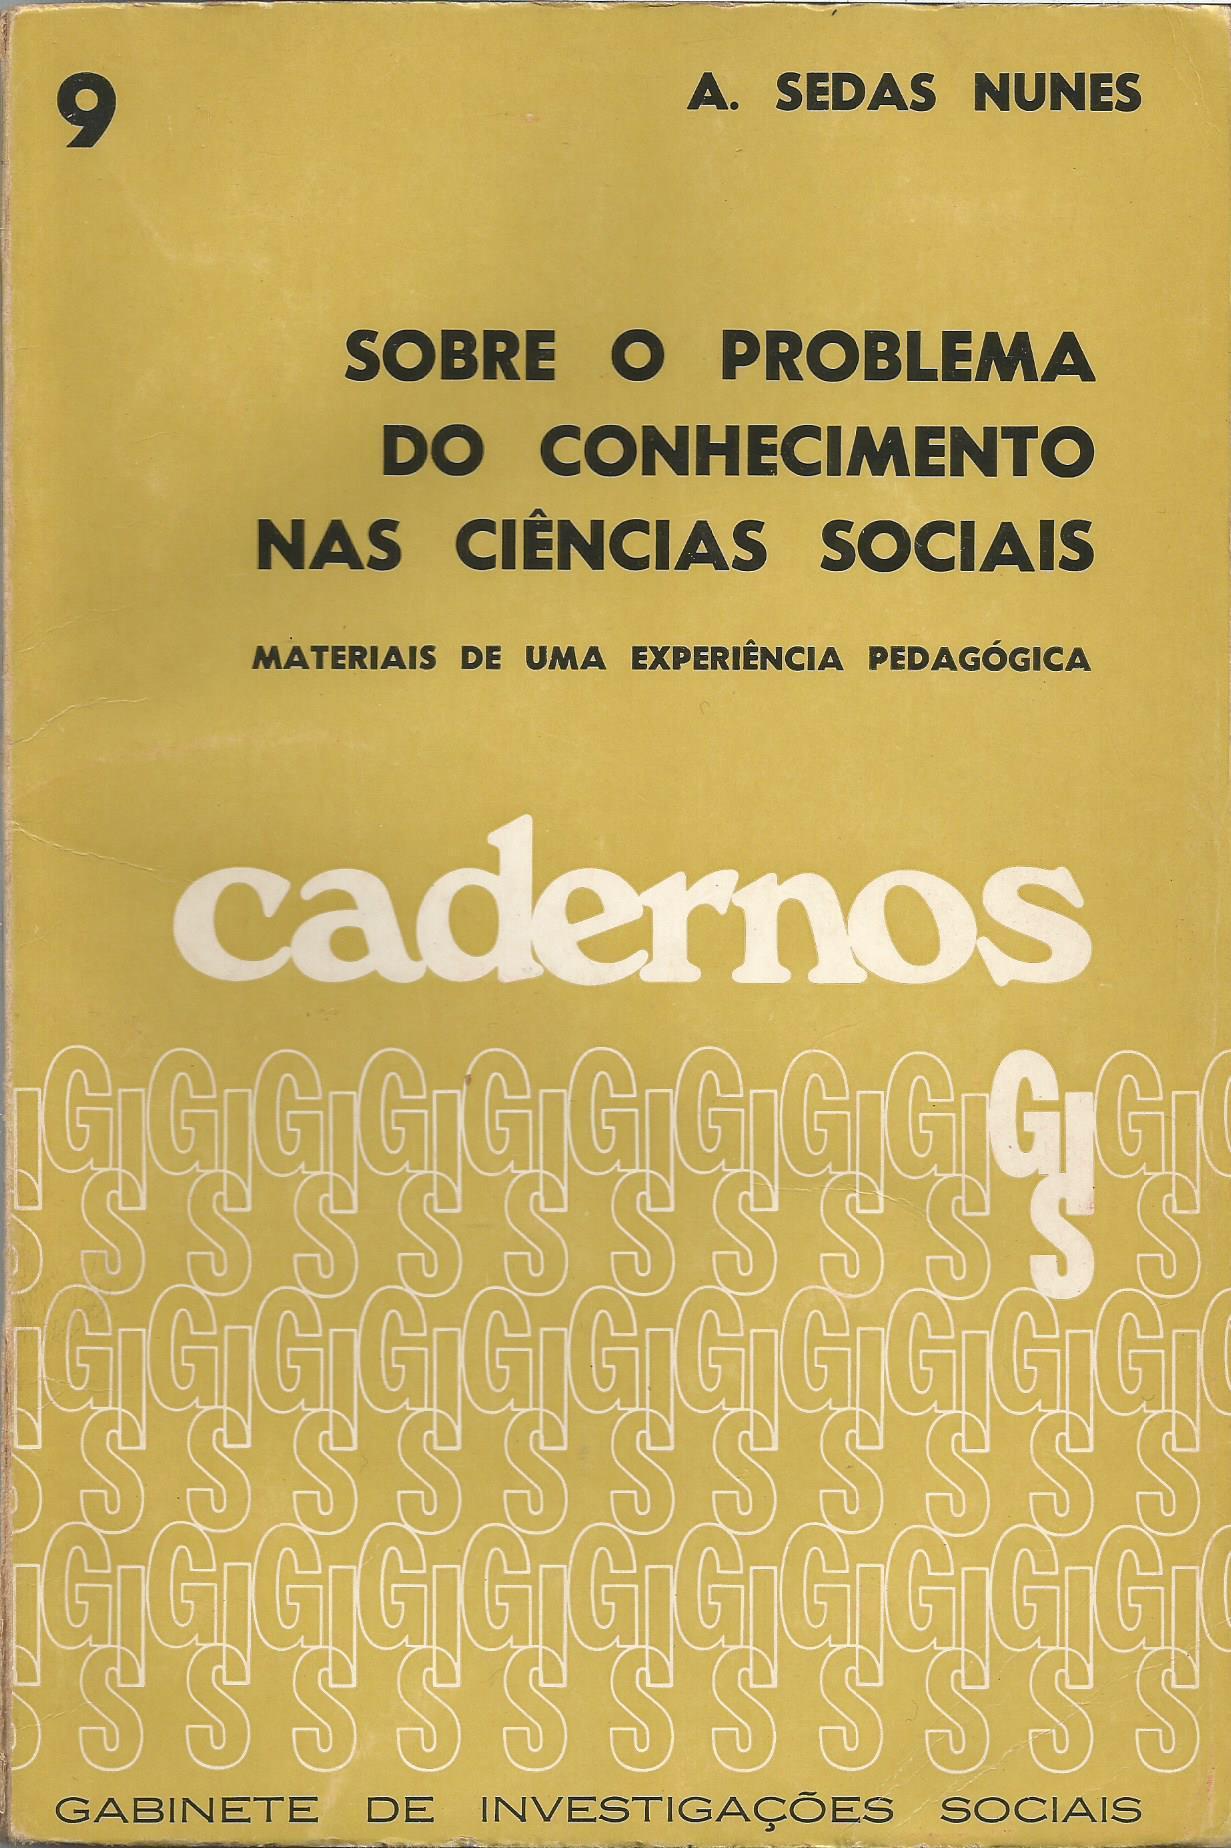 Sobre o Problema do Conhecimento nas Ciências Sociais  by  A. Sedas Nunes